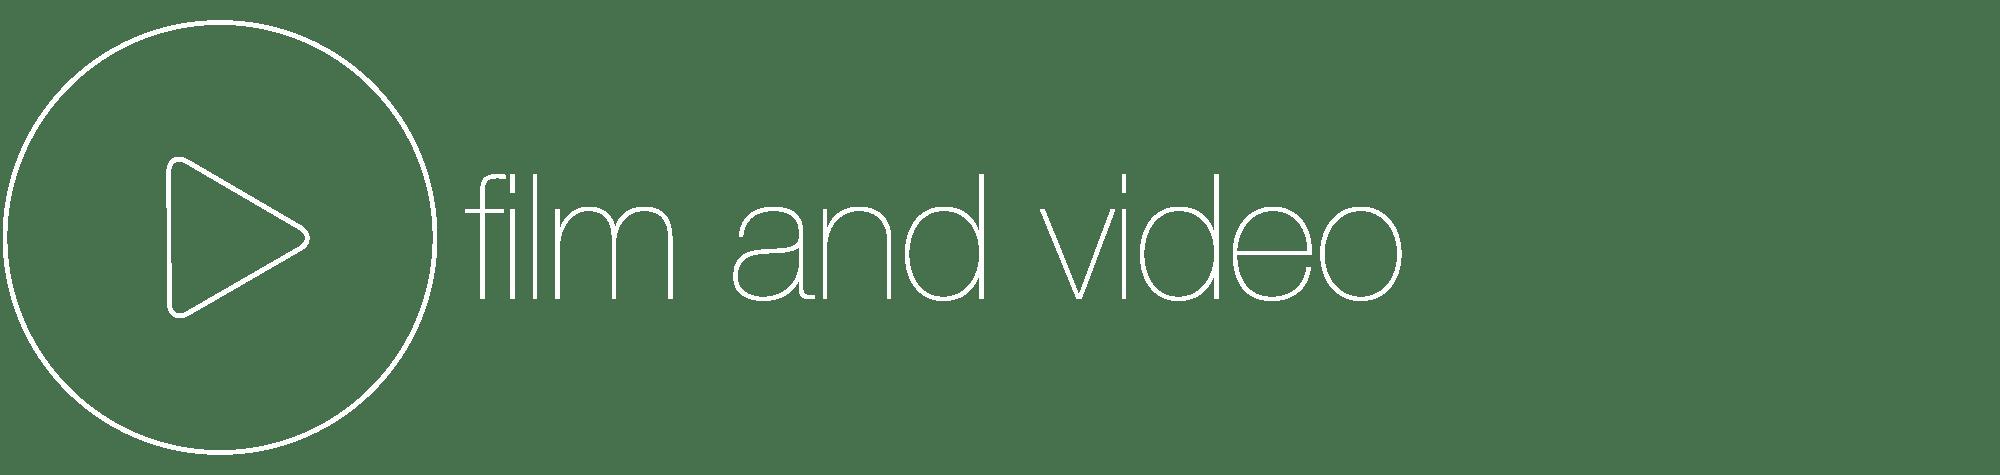 jason-b-graham-creative-services-film